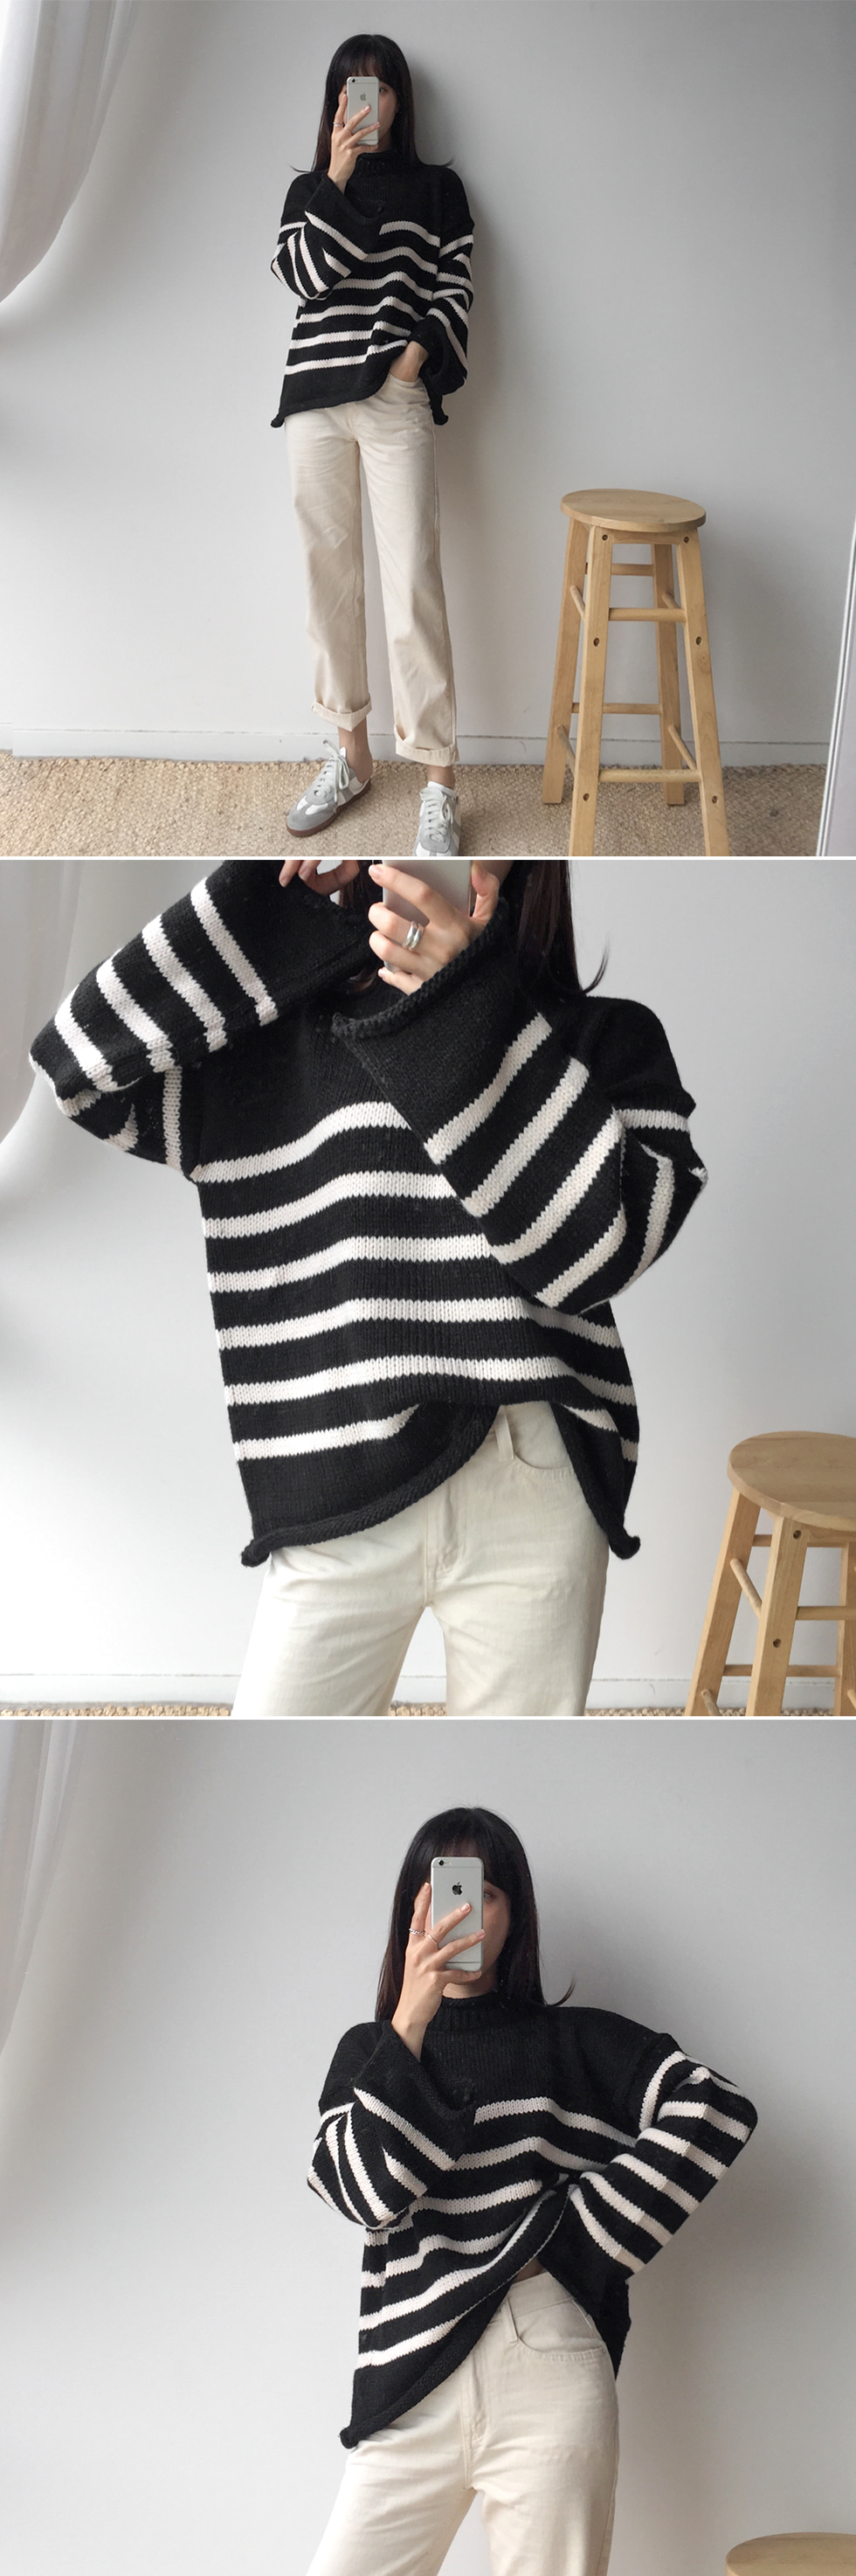 Half Striped Knitwear